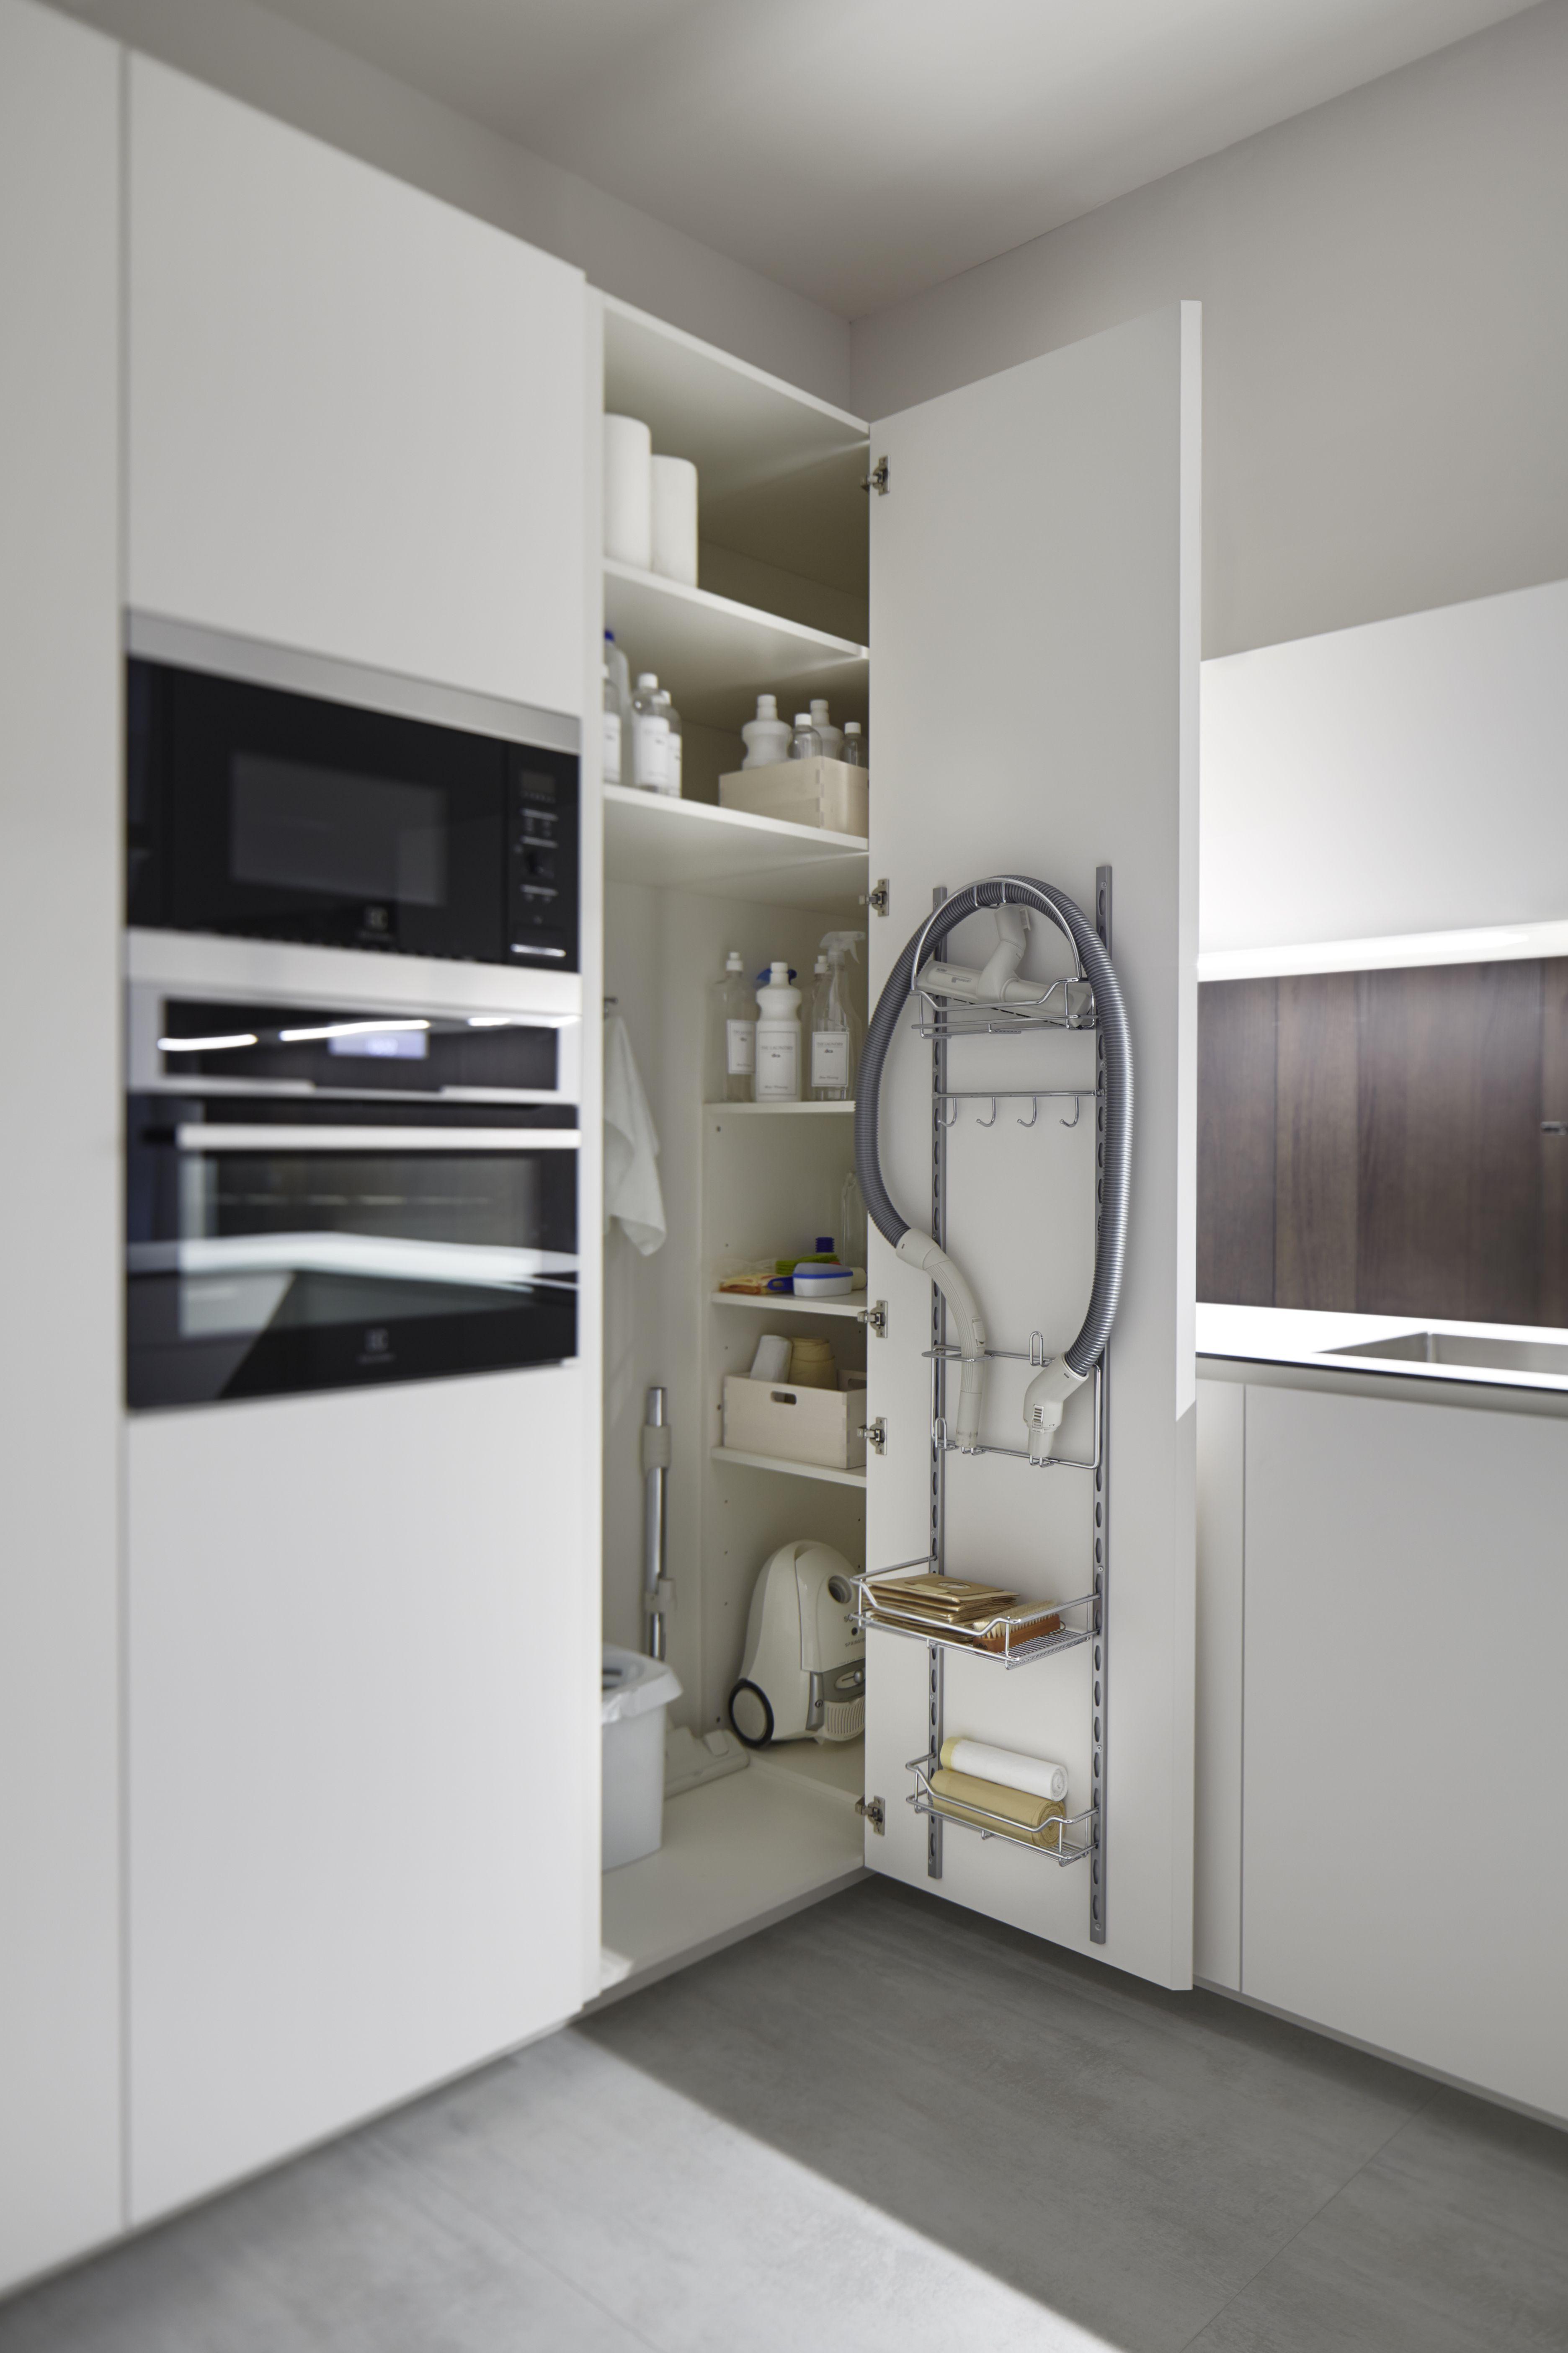 Mueble rinc n muy pr ctico y til para guardar las cosas - Muebles para almacenar ...